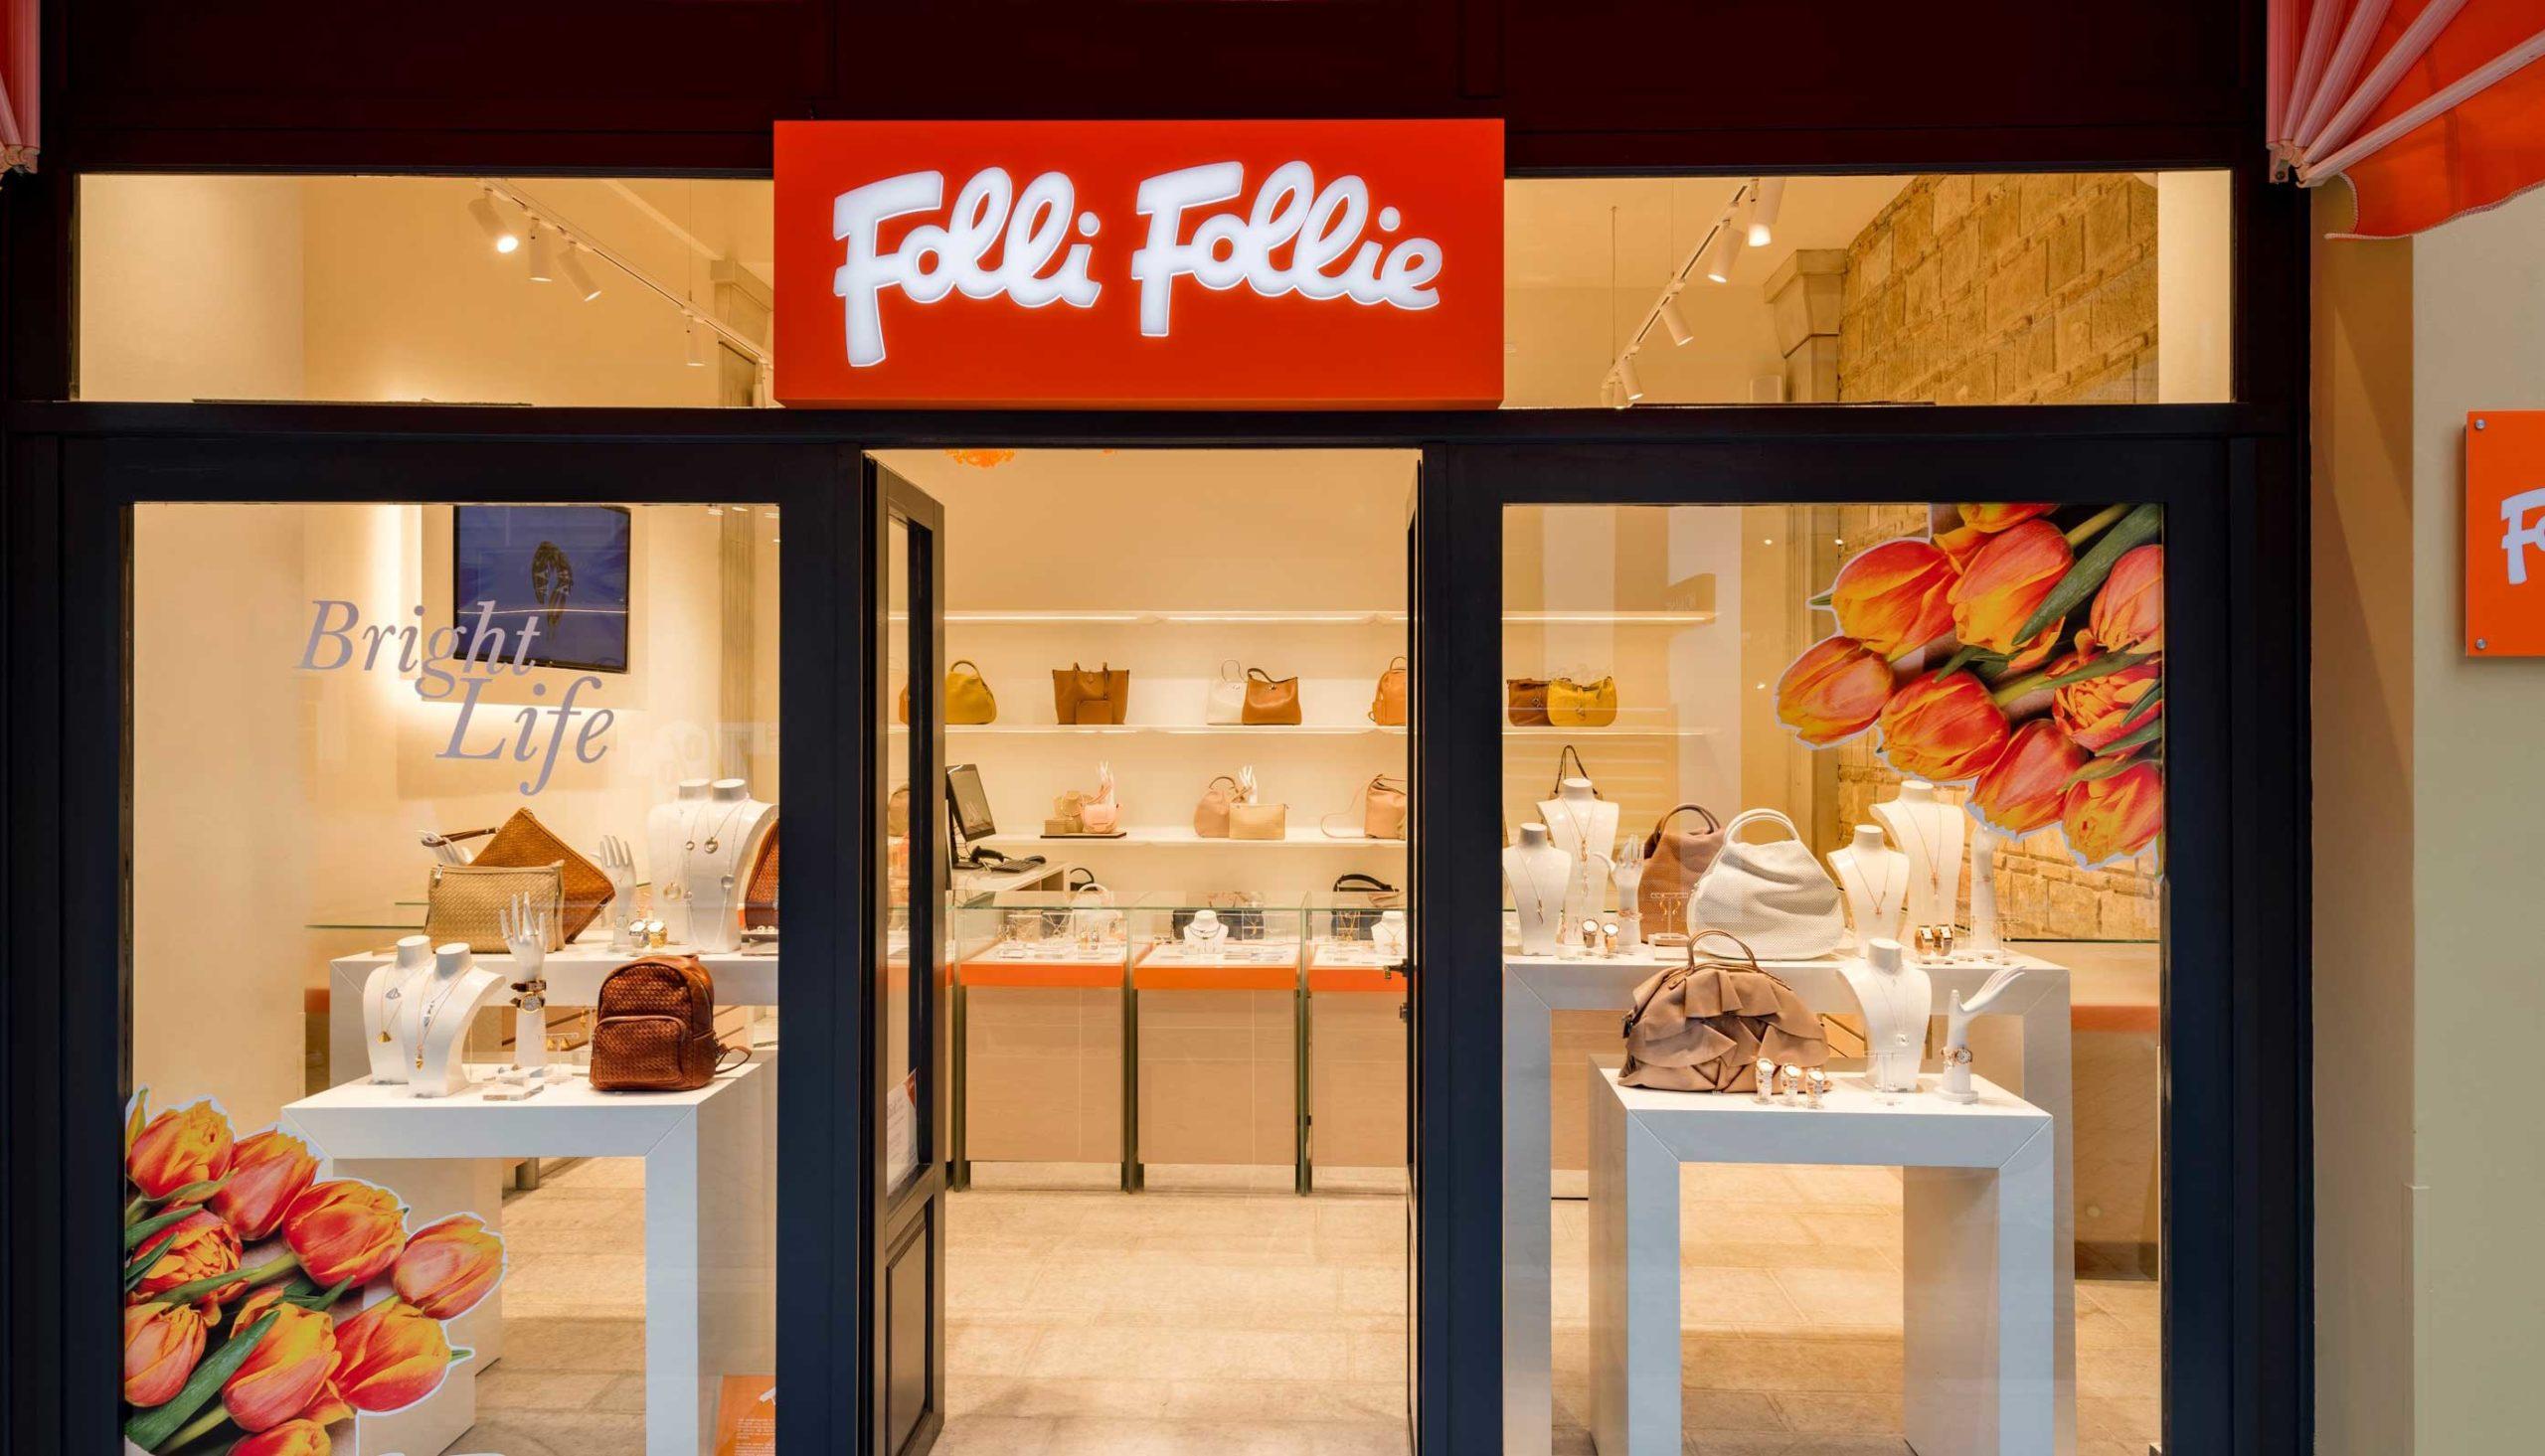 Νέο κατάστημα άνοιξε η Folli Follie στο κέντρο της Πάτρας